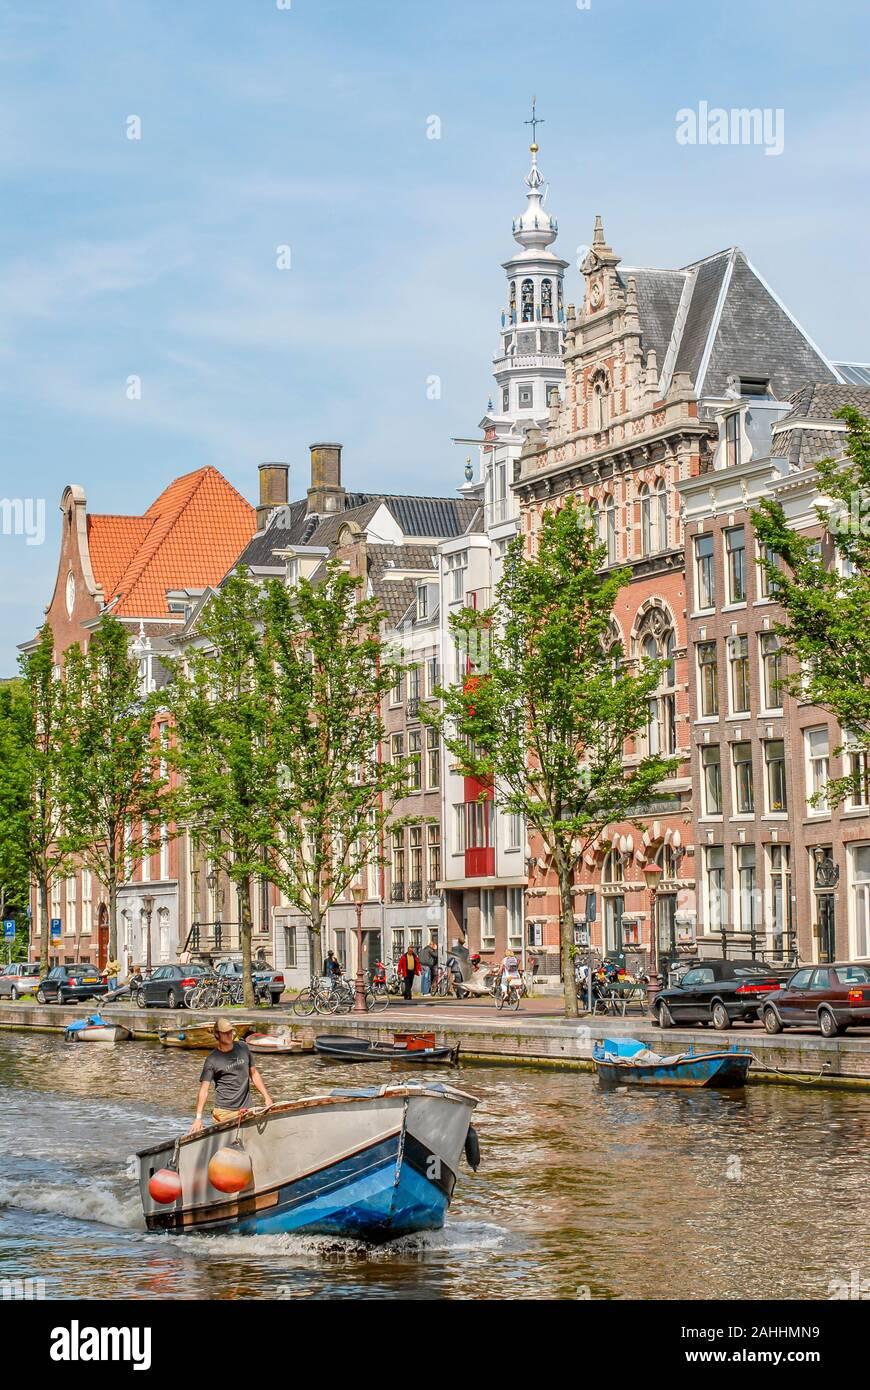 Kleines Boot durch eine Amsterdam Wasser Kanal, Netherlande Stockfoto